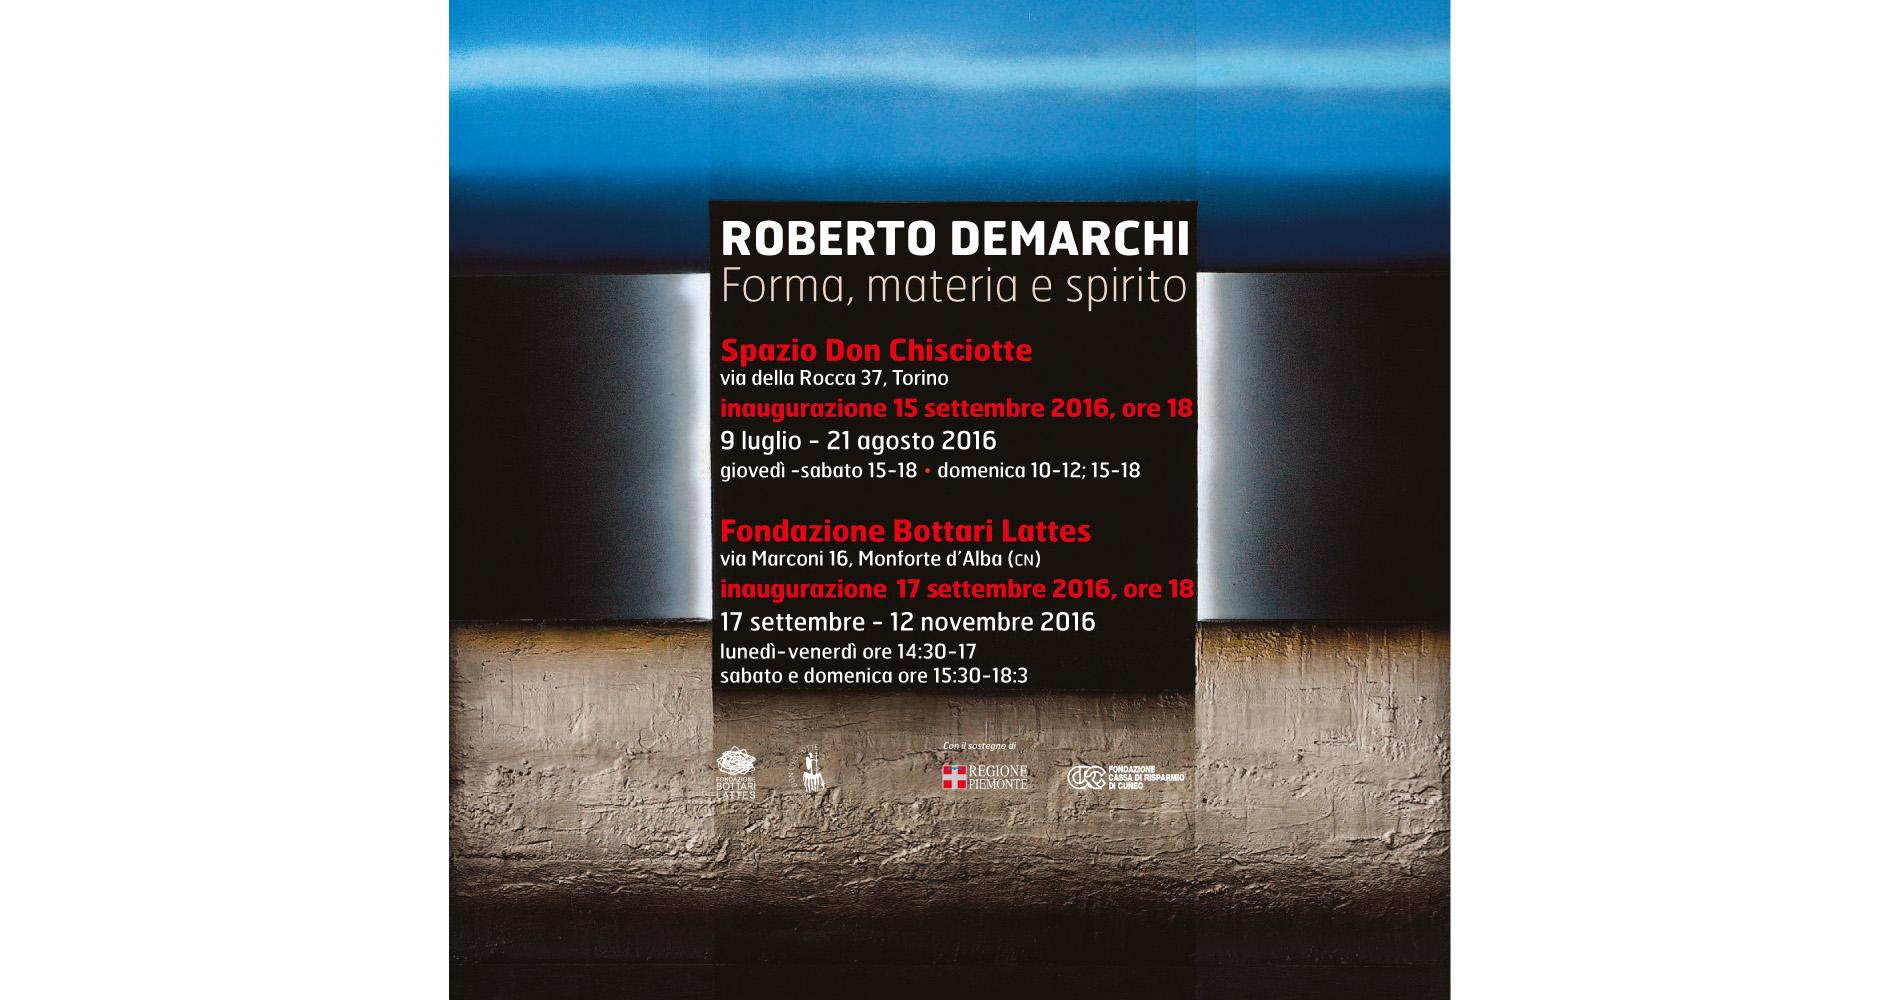 Roberto Demarchi  Forma, materia e spirito